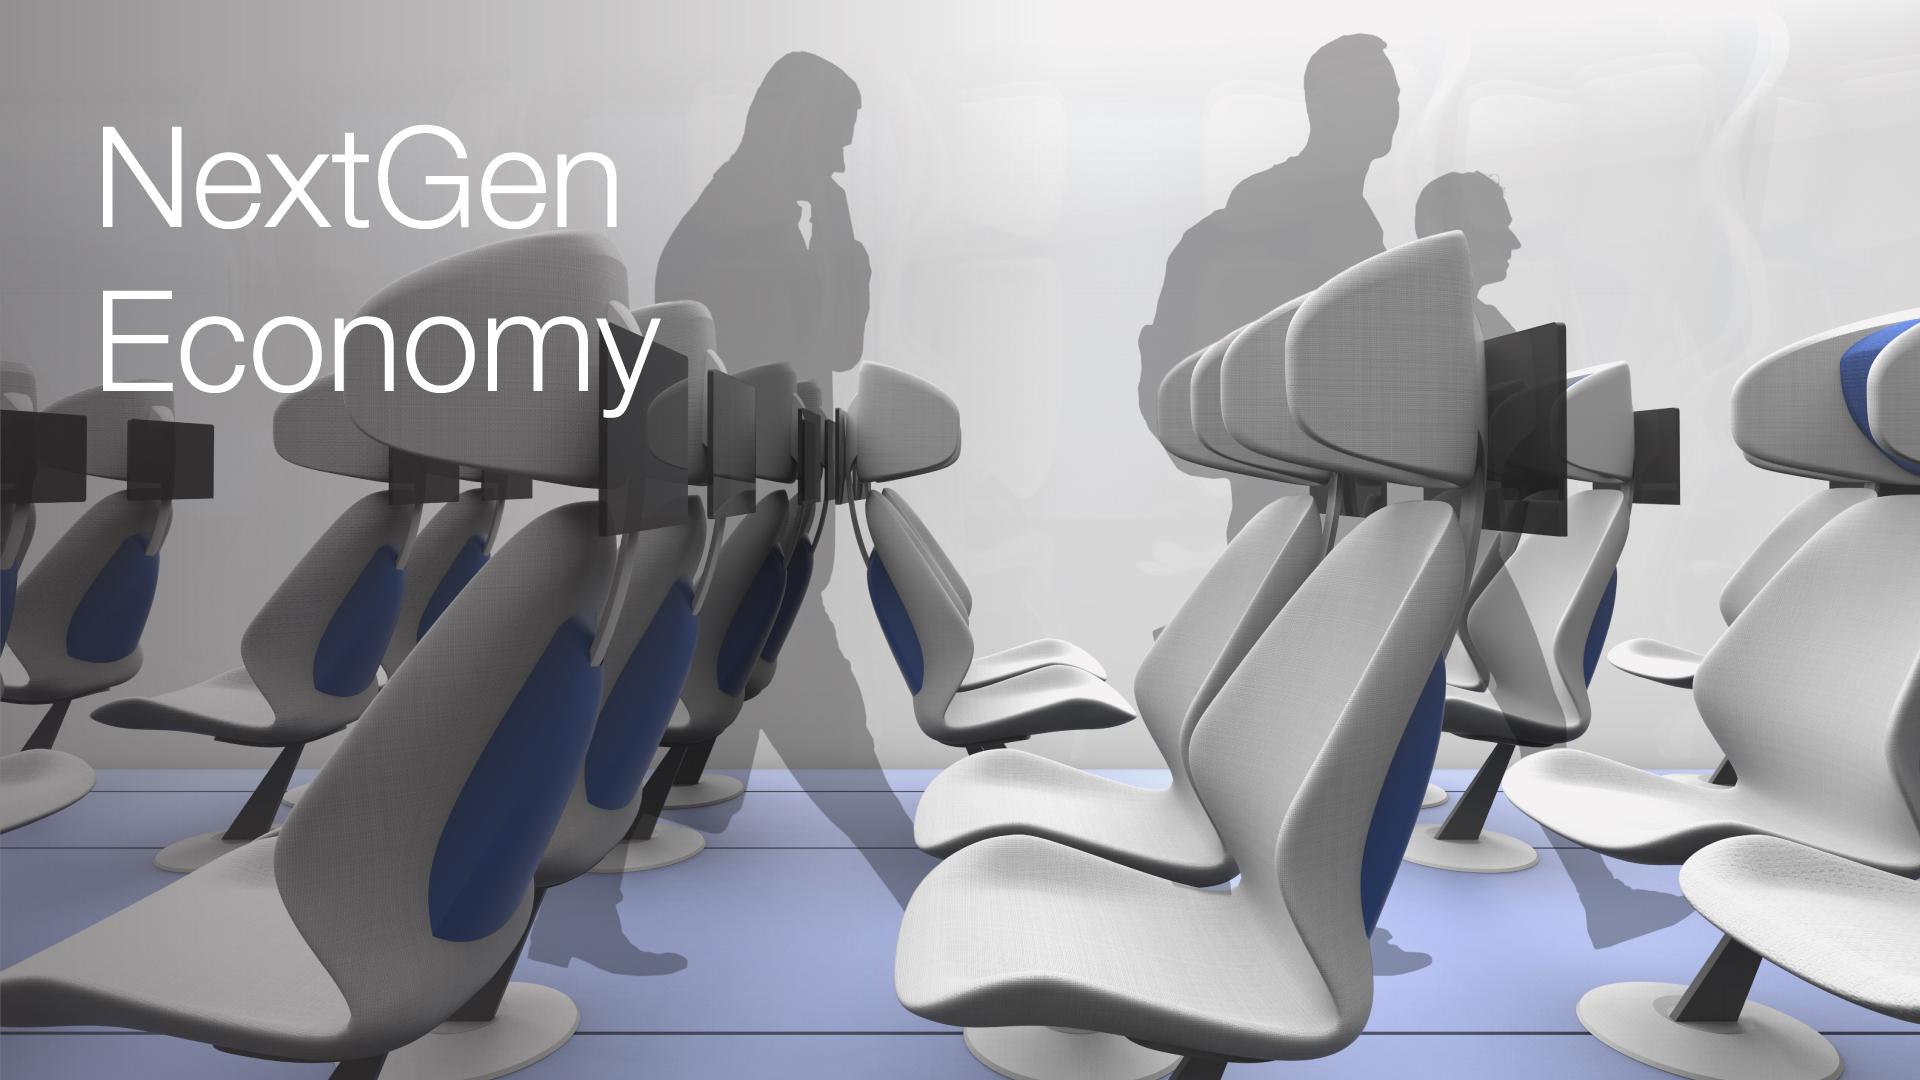 nextgen-economy-class-top.jpg